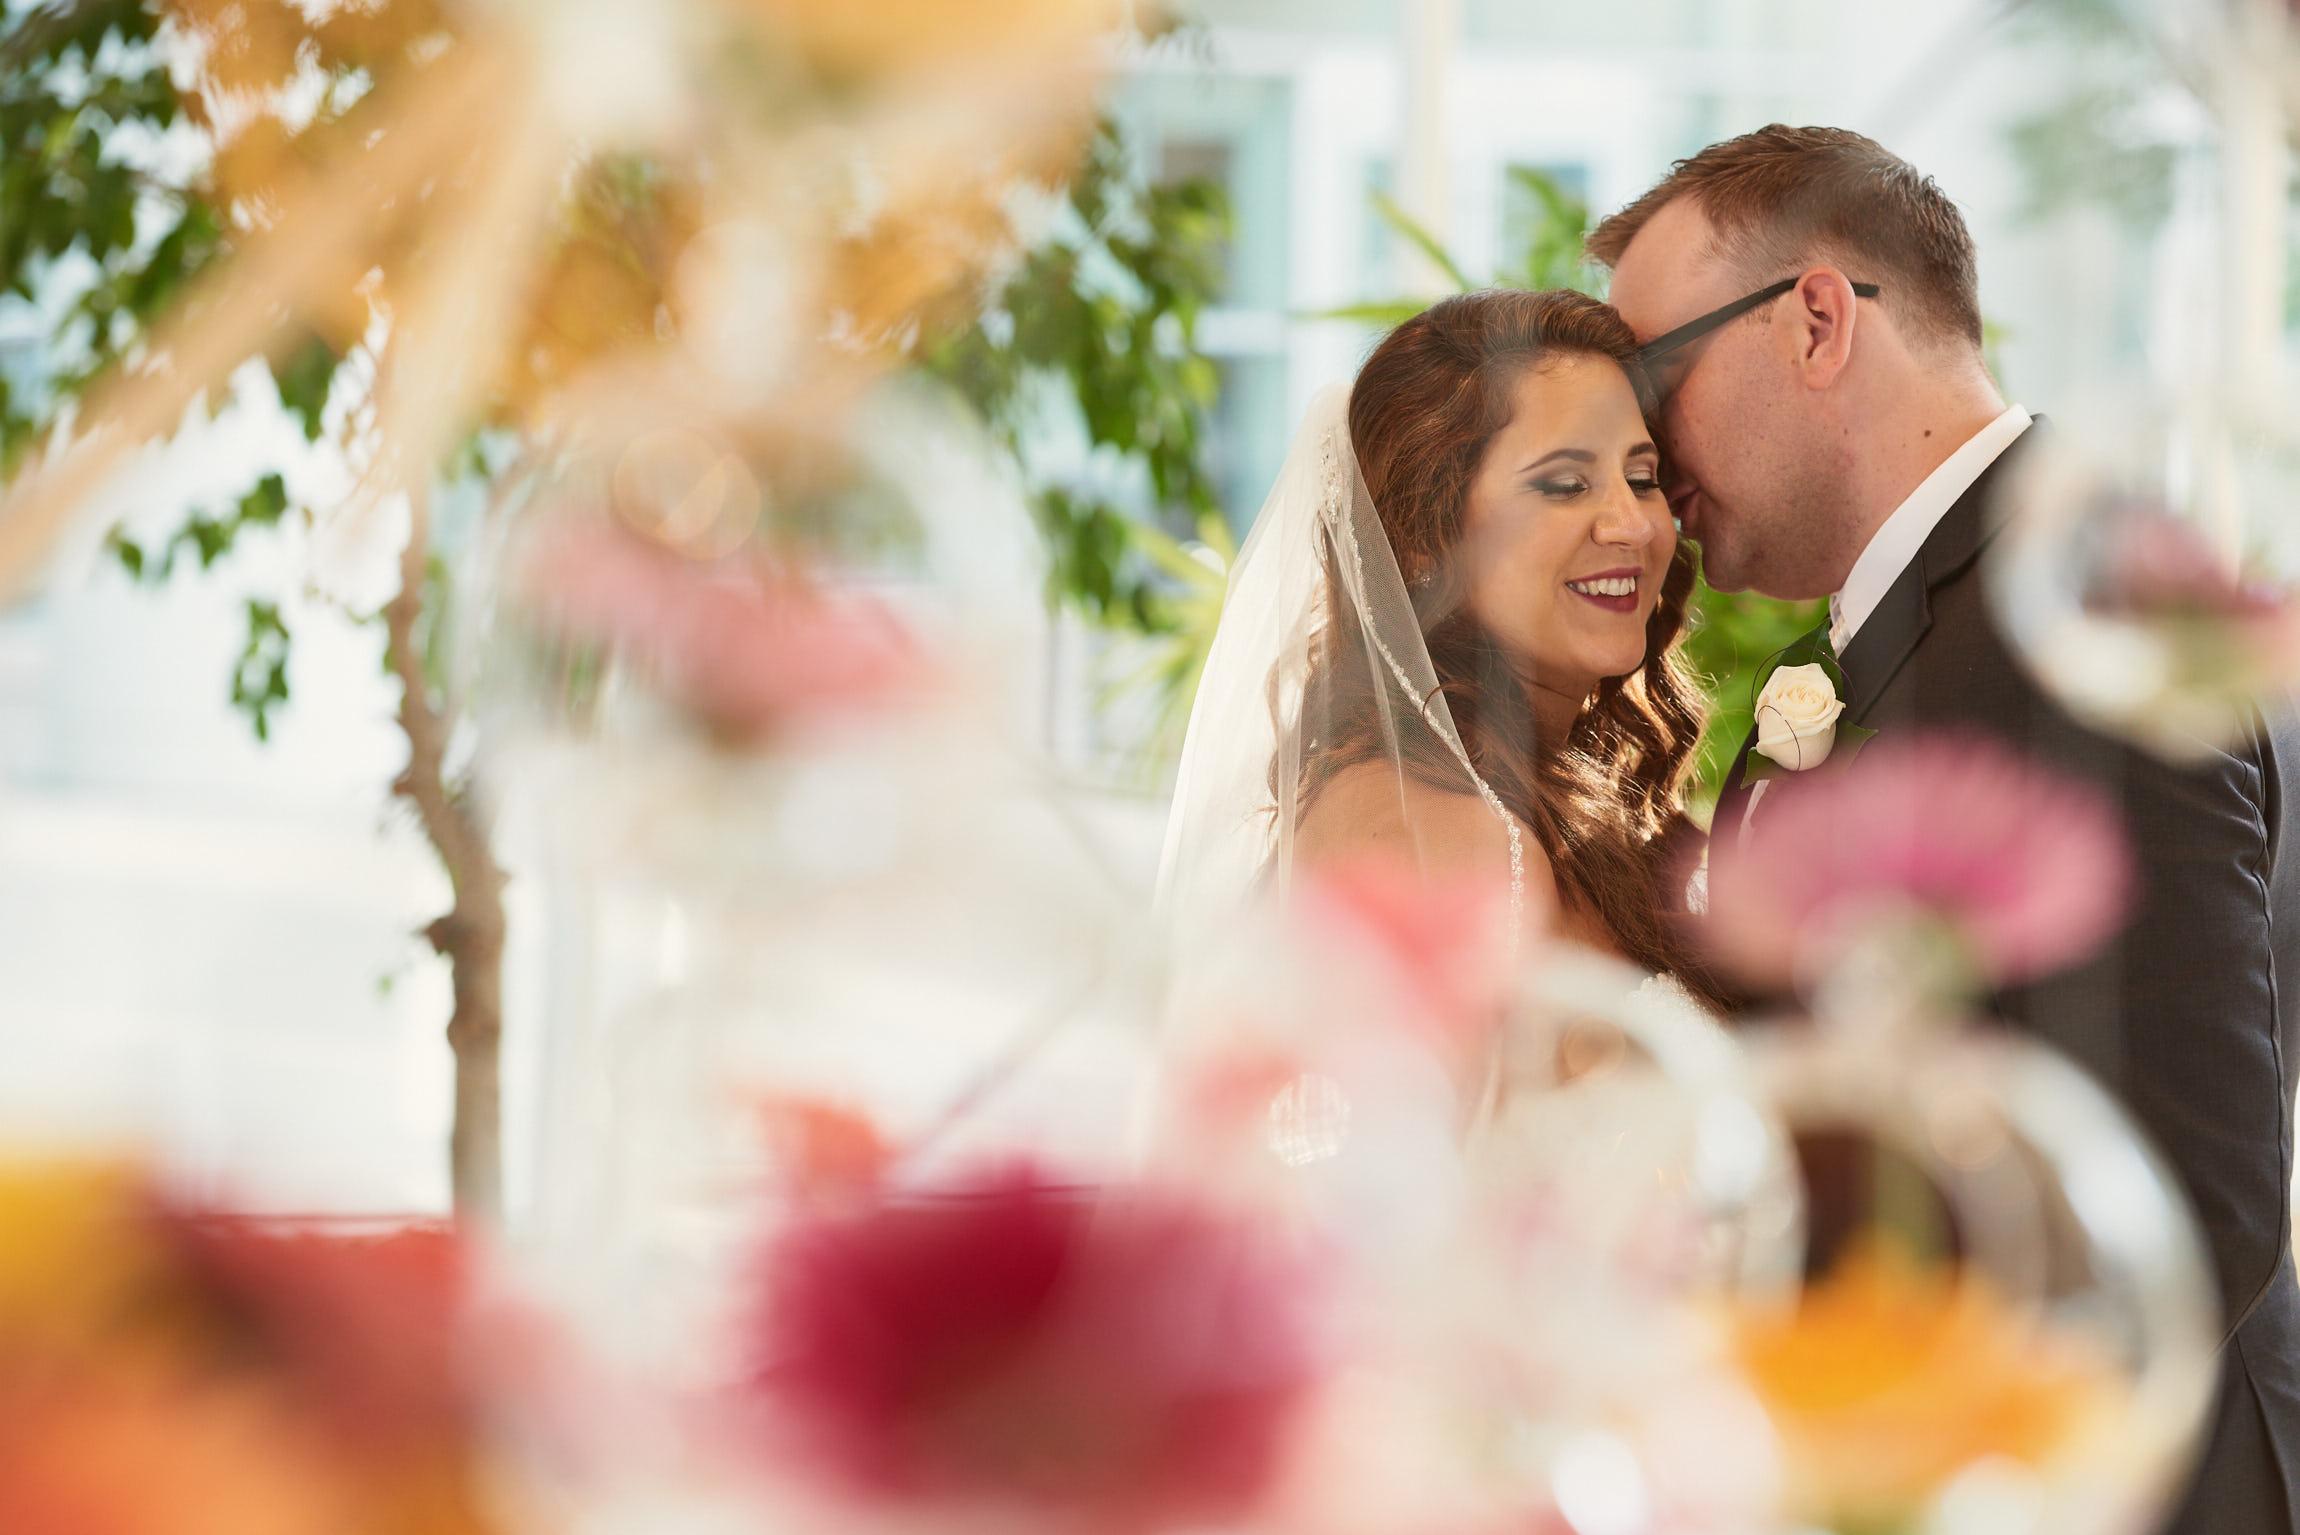 Bridal floral portrait